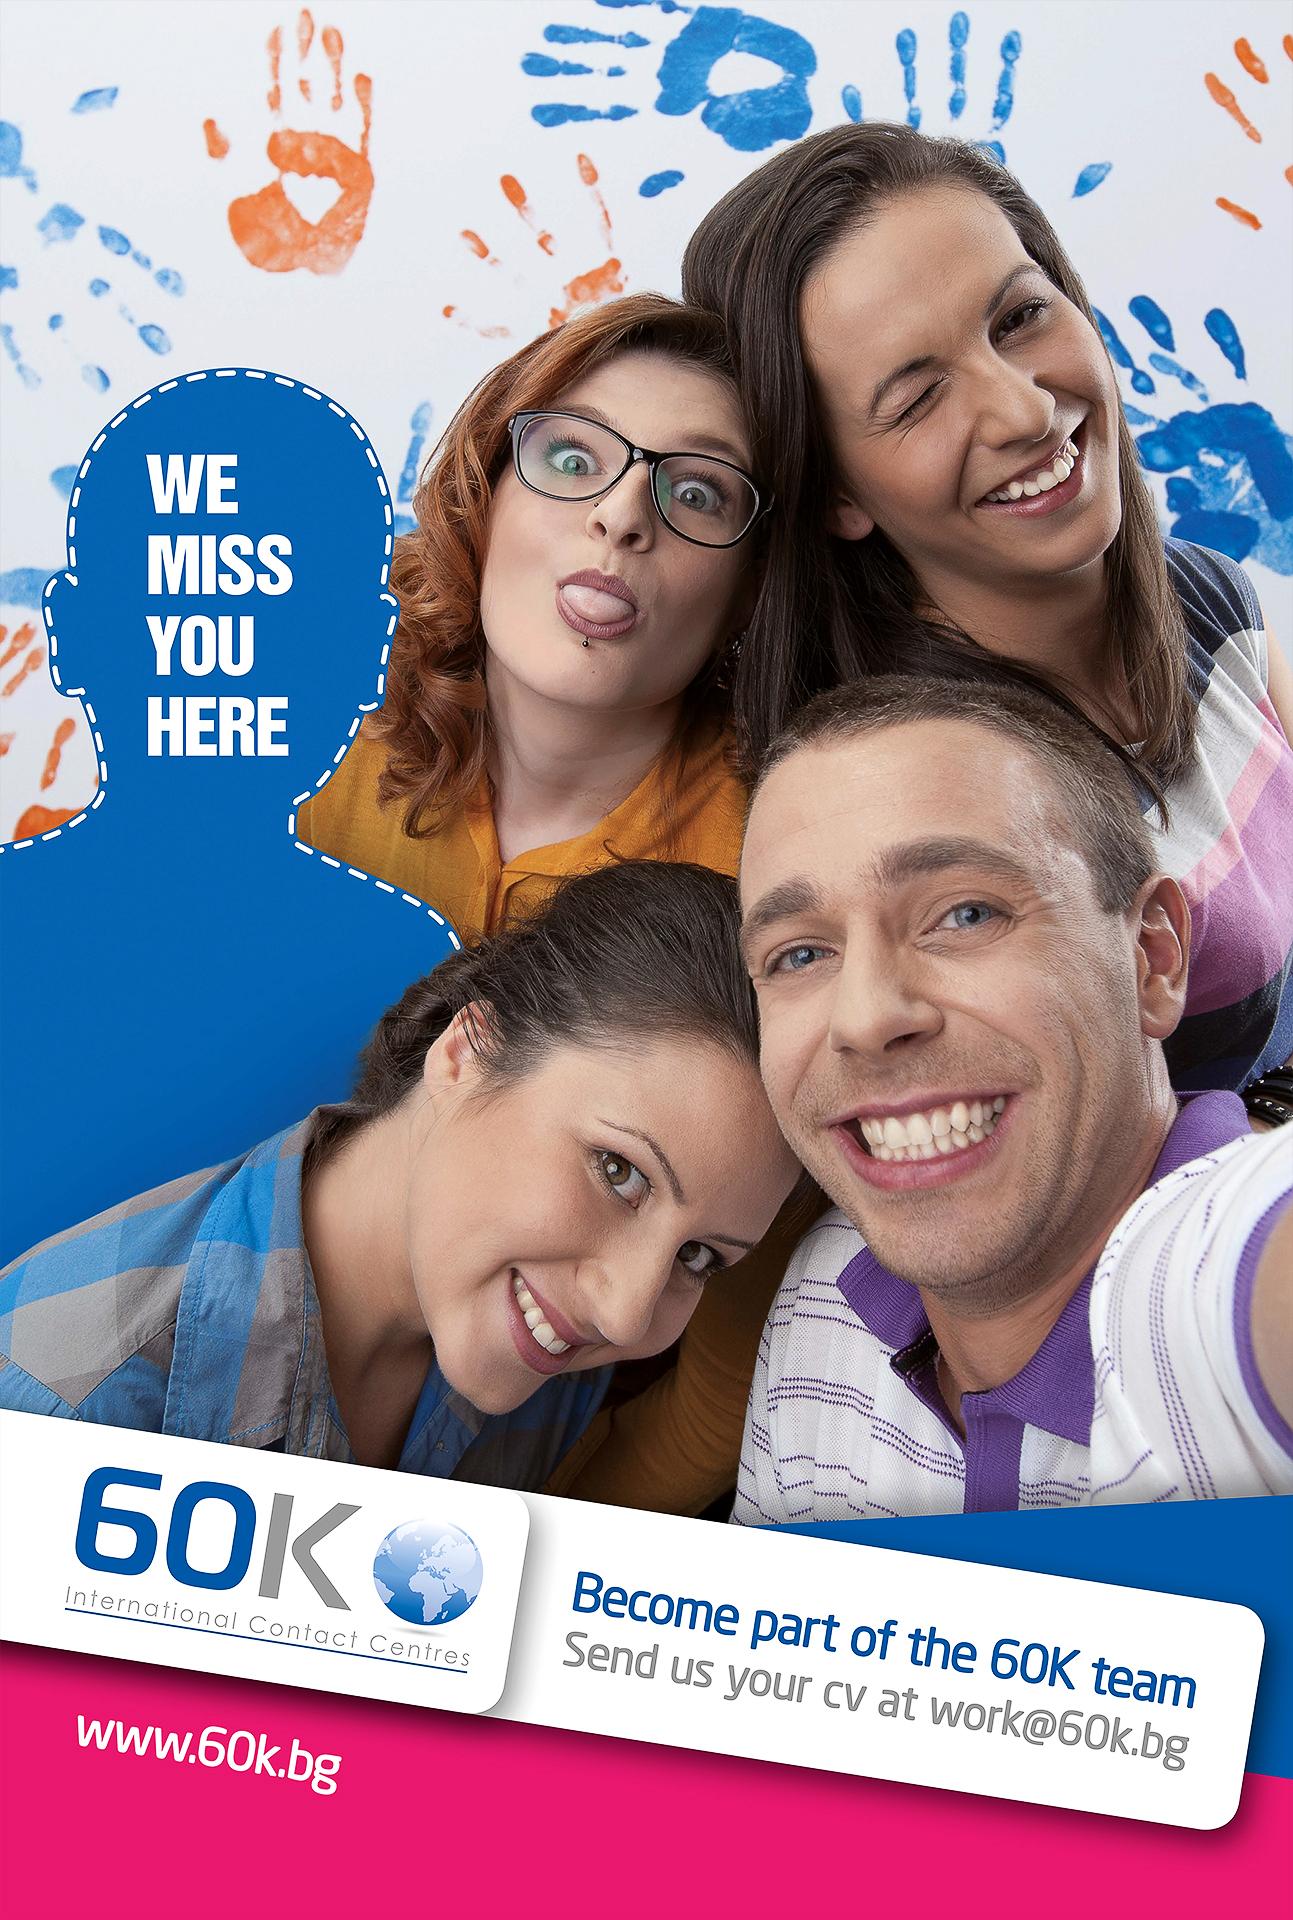 60k_poster